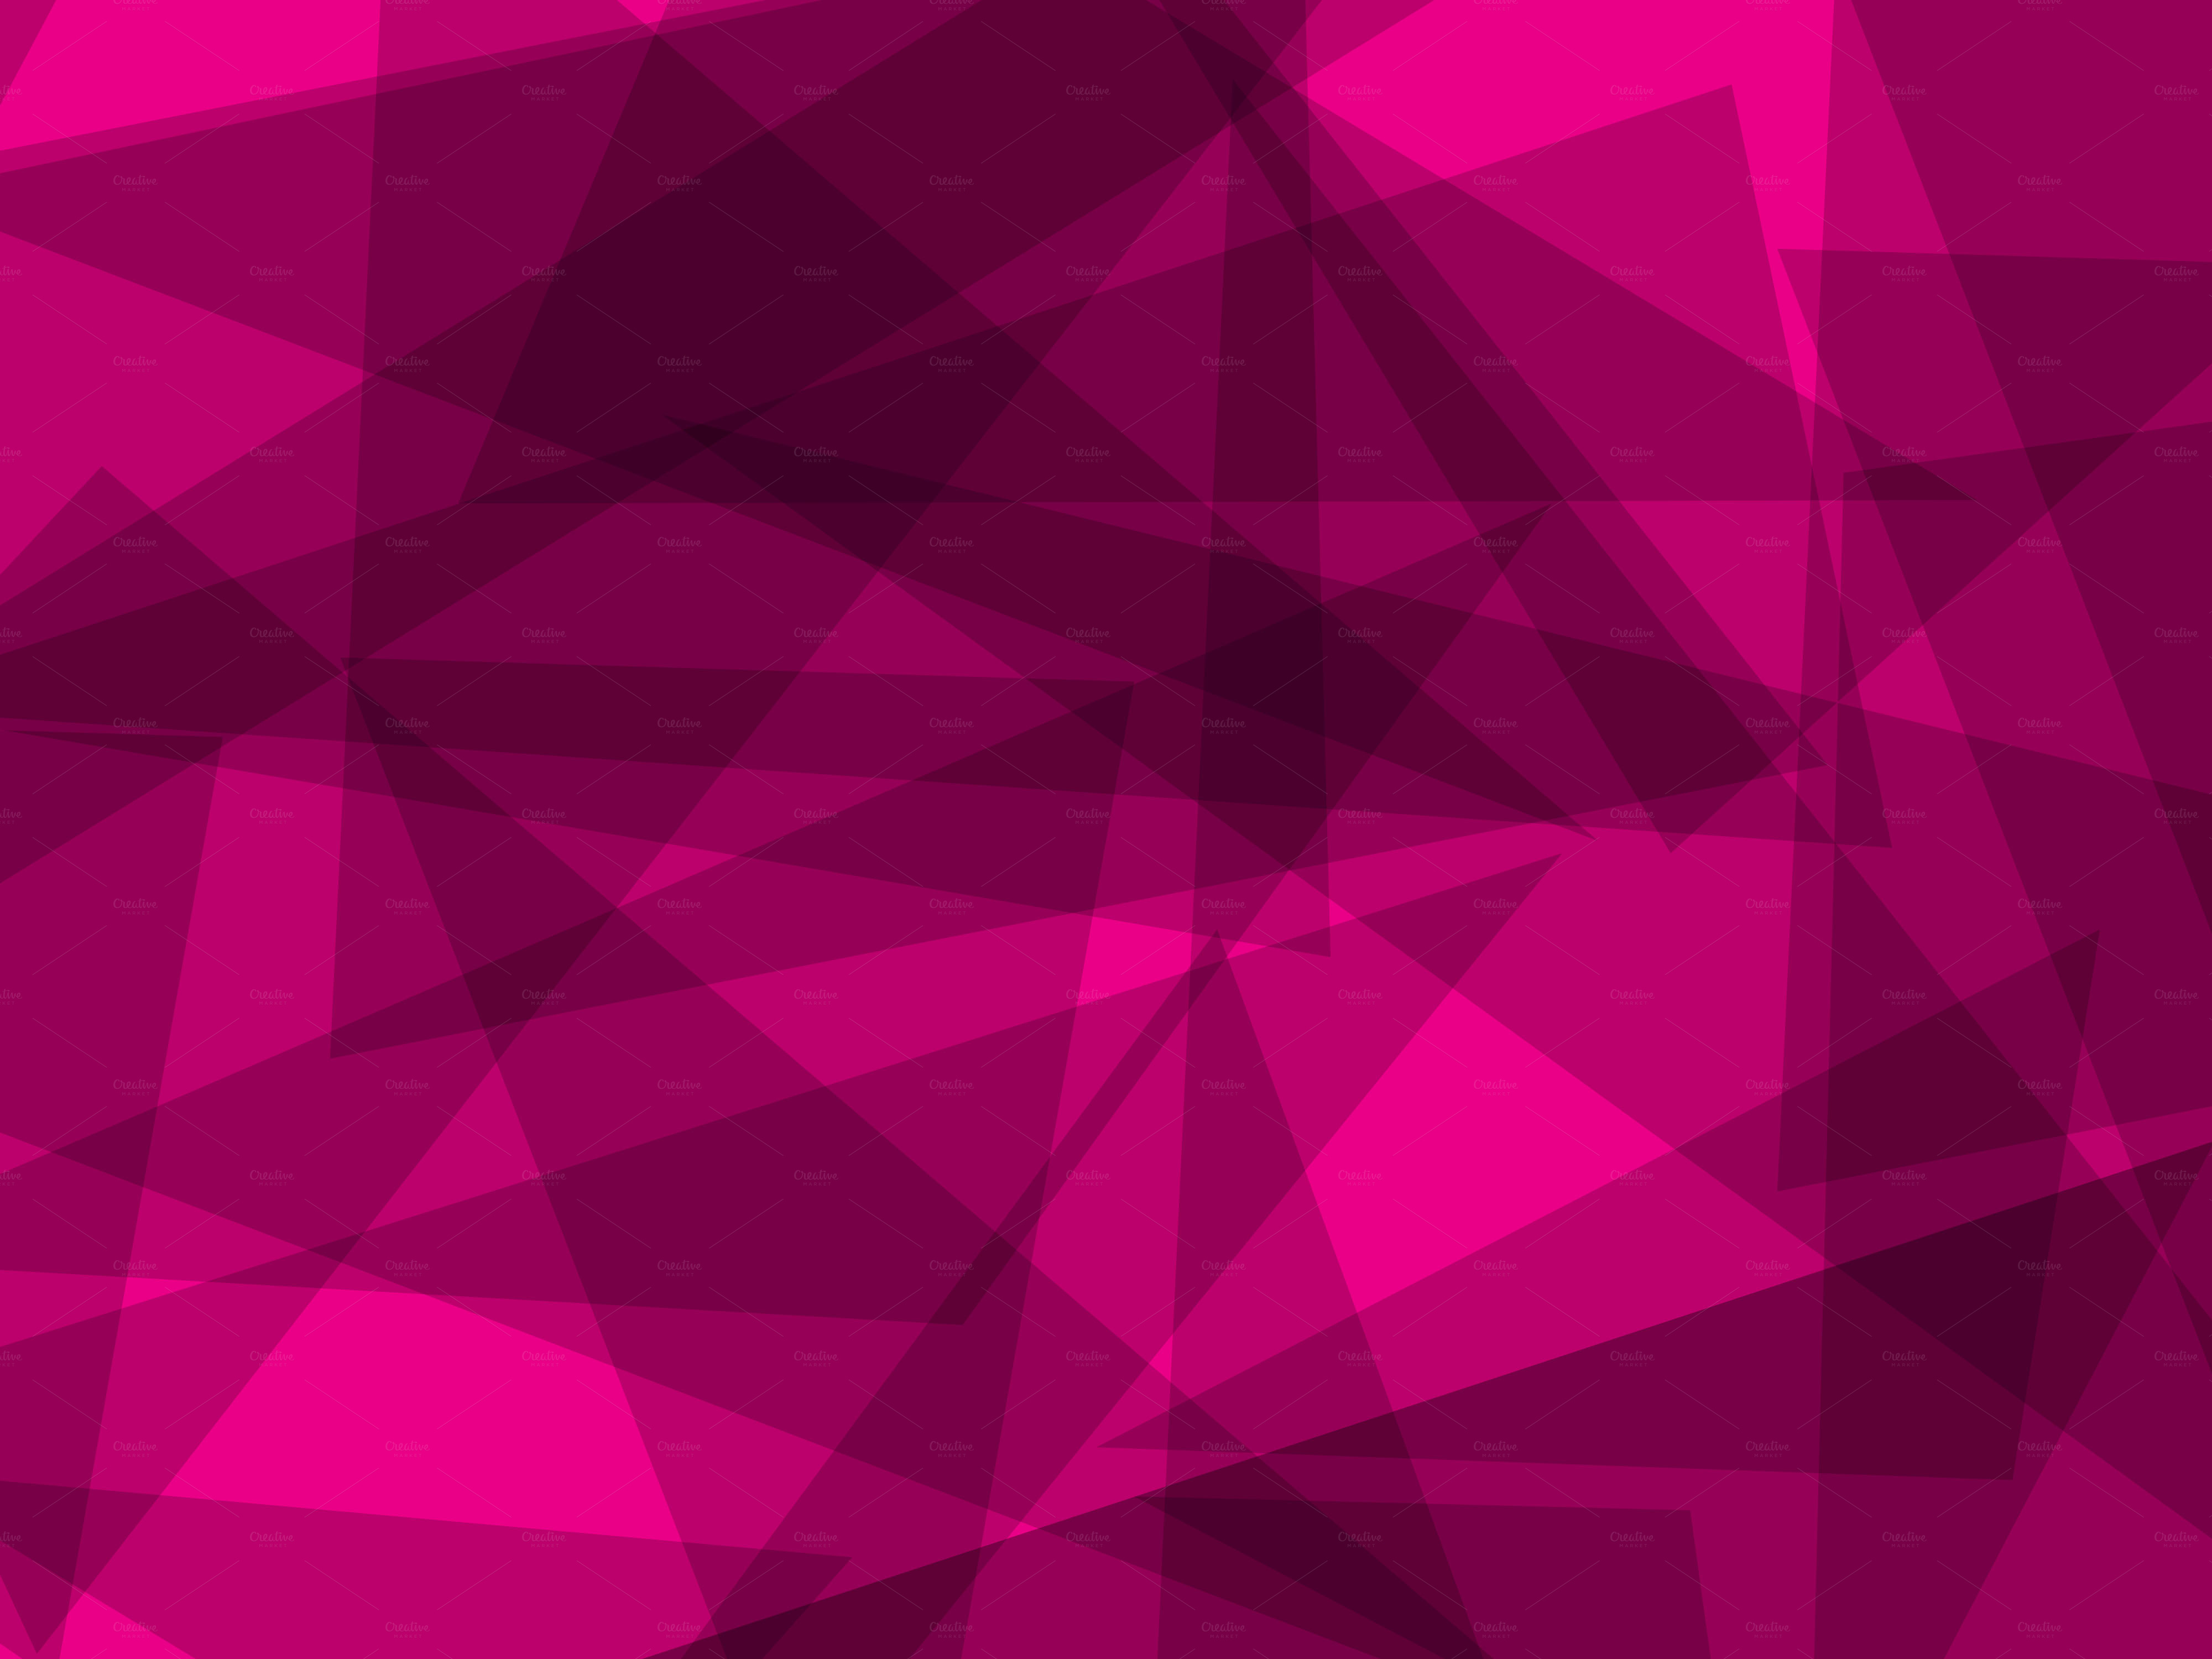 Pink Geometric Wallpaper Wallpapersafari